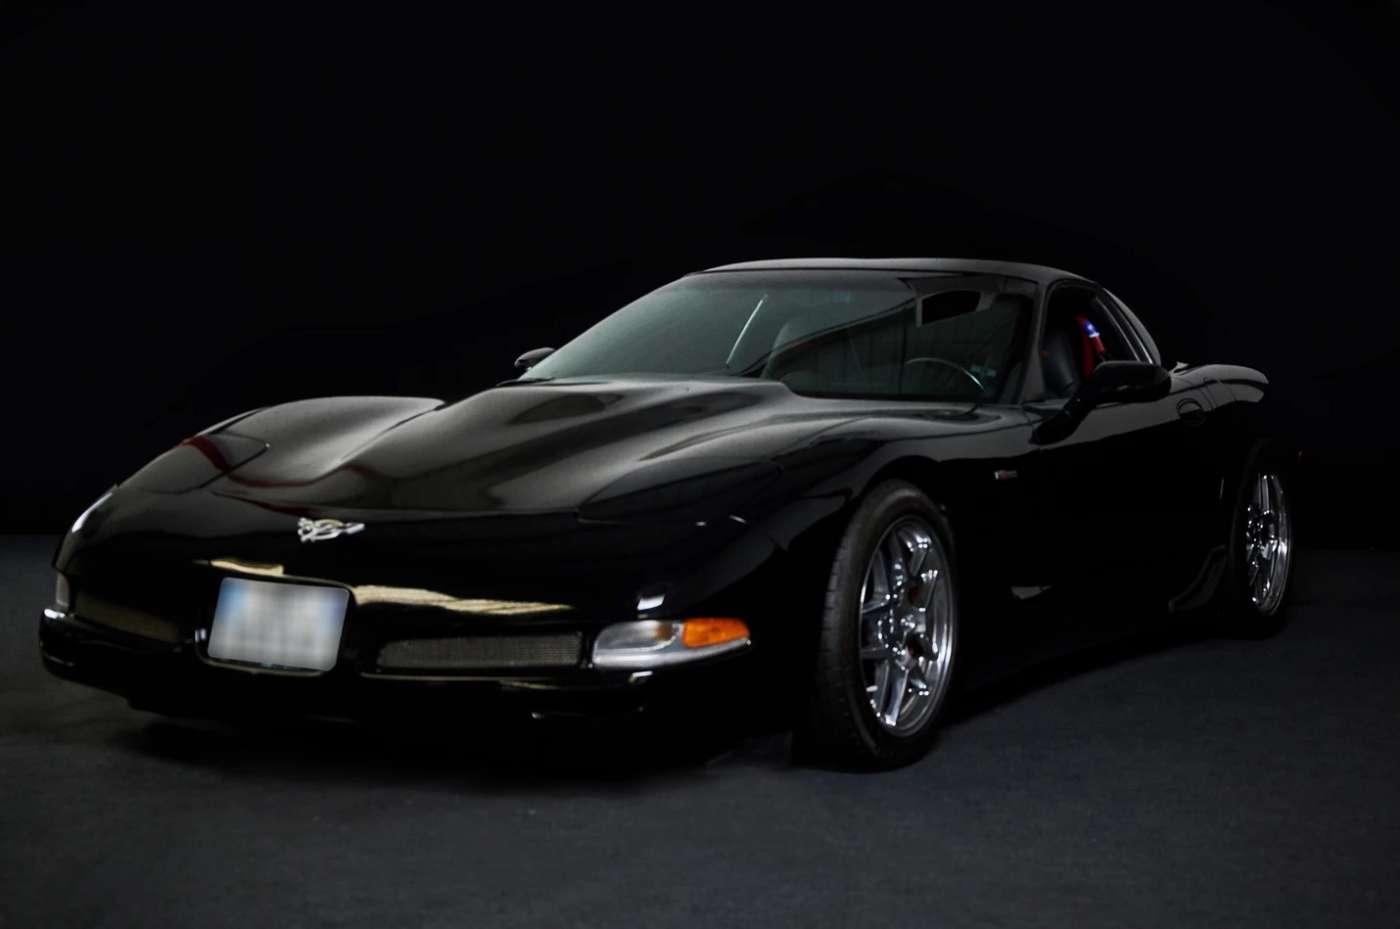 CHEVROLET  Corvette C5 0